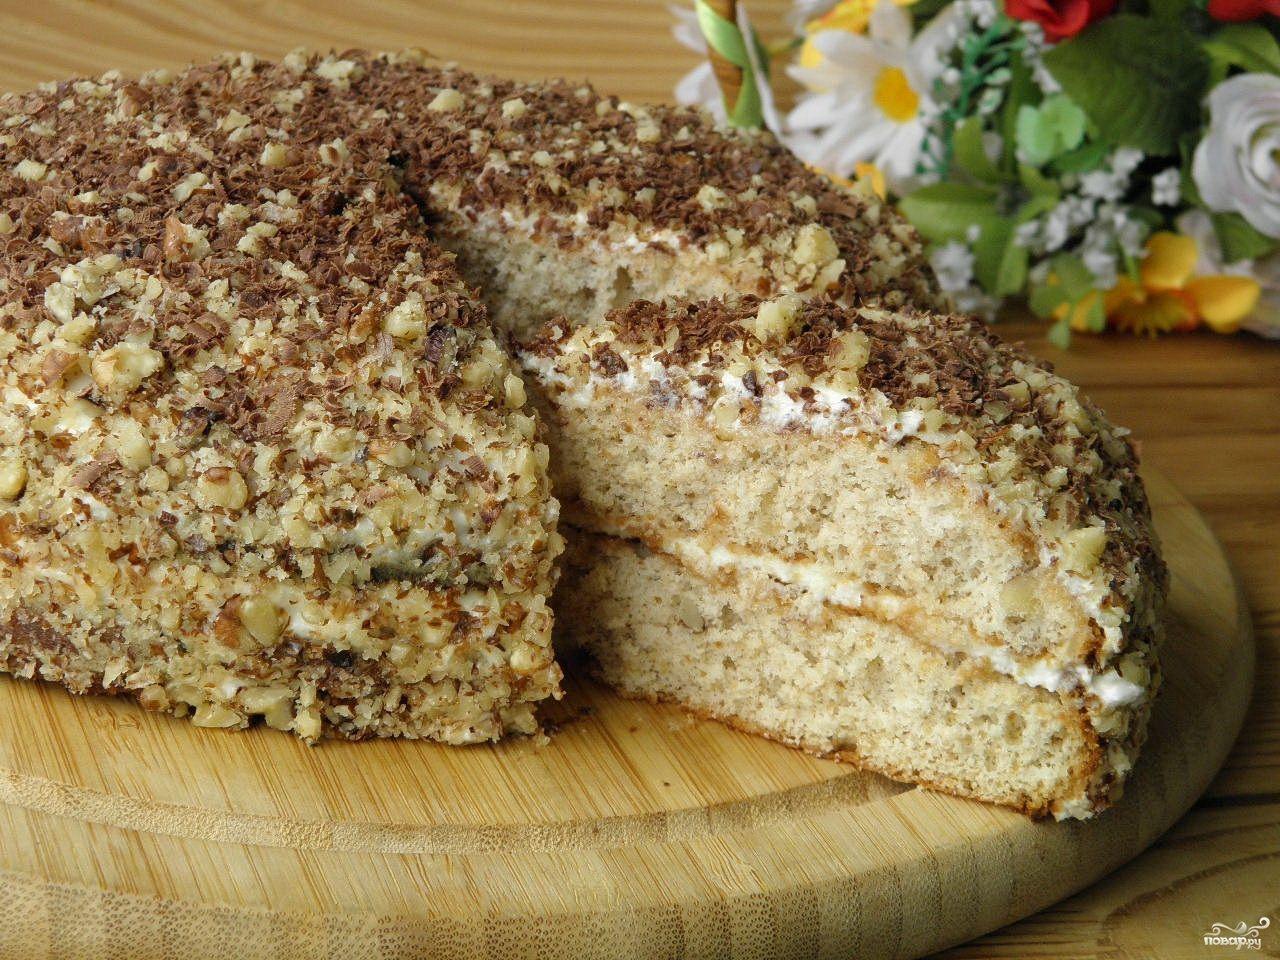 тосты рецепт простого бисквитного торта с фото когда видно